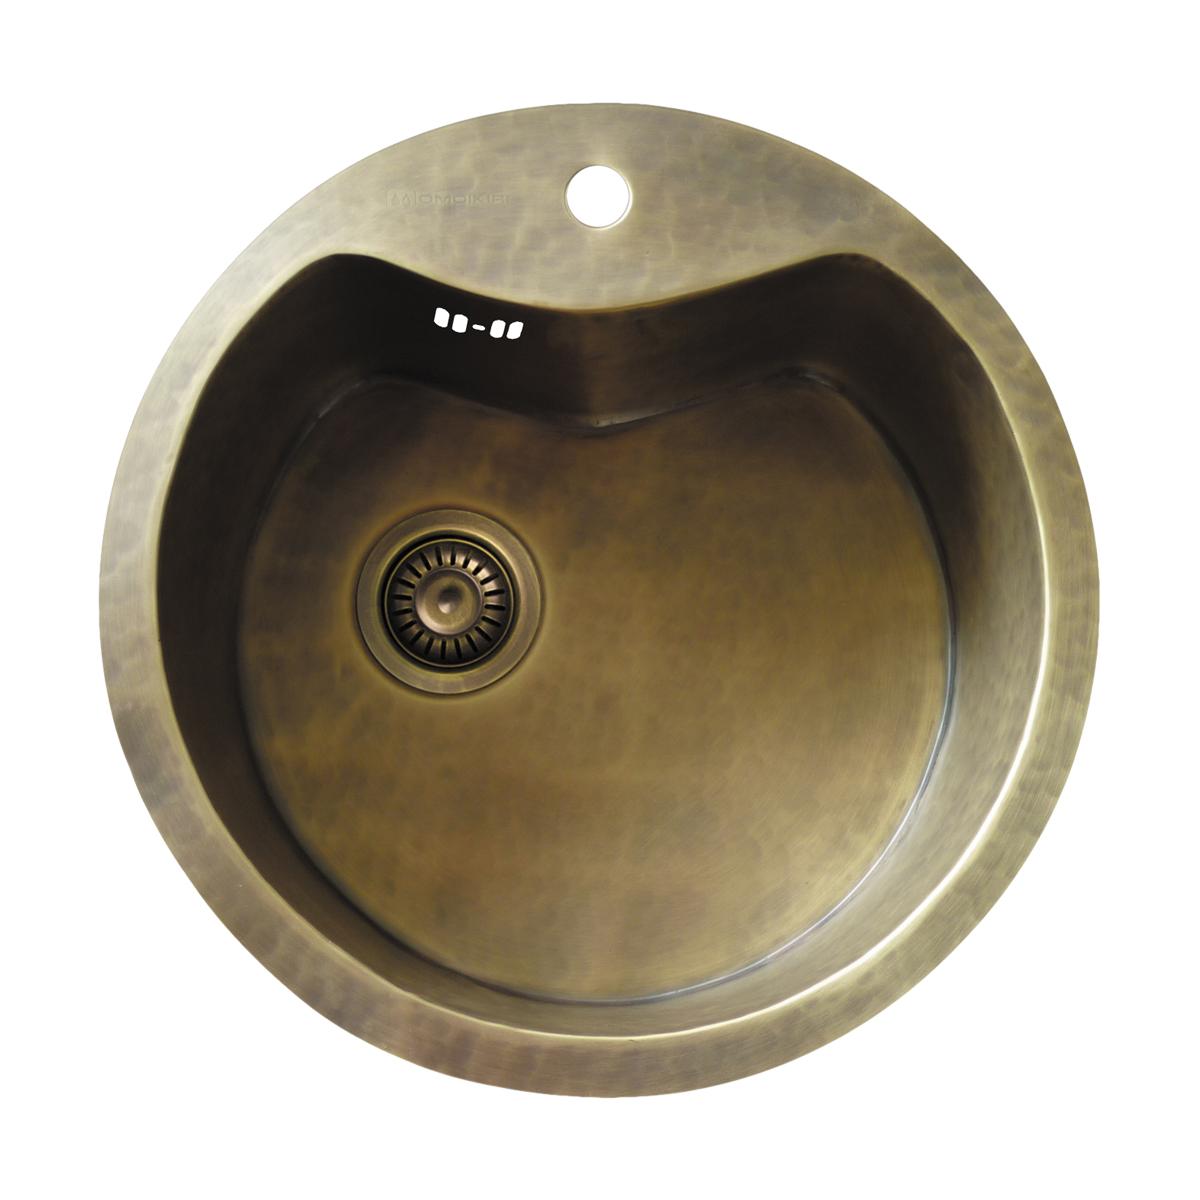 Omoikiri Sumida-51-BR нат. латунь/натуральная латунь